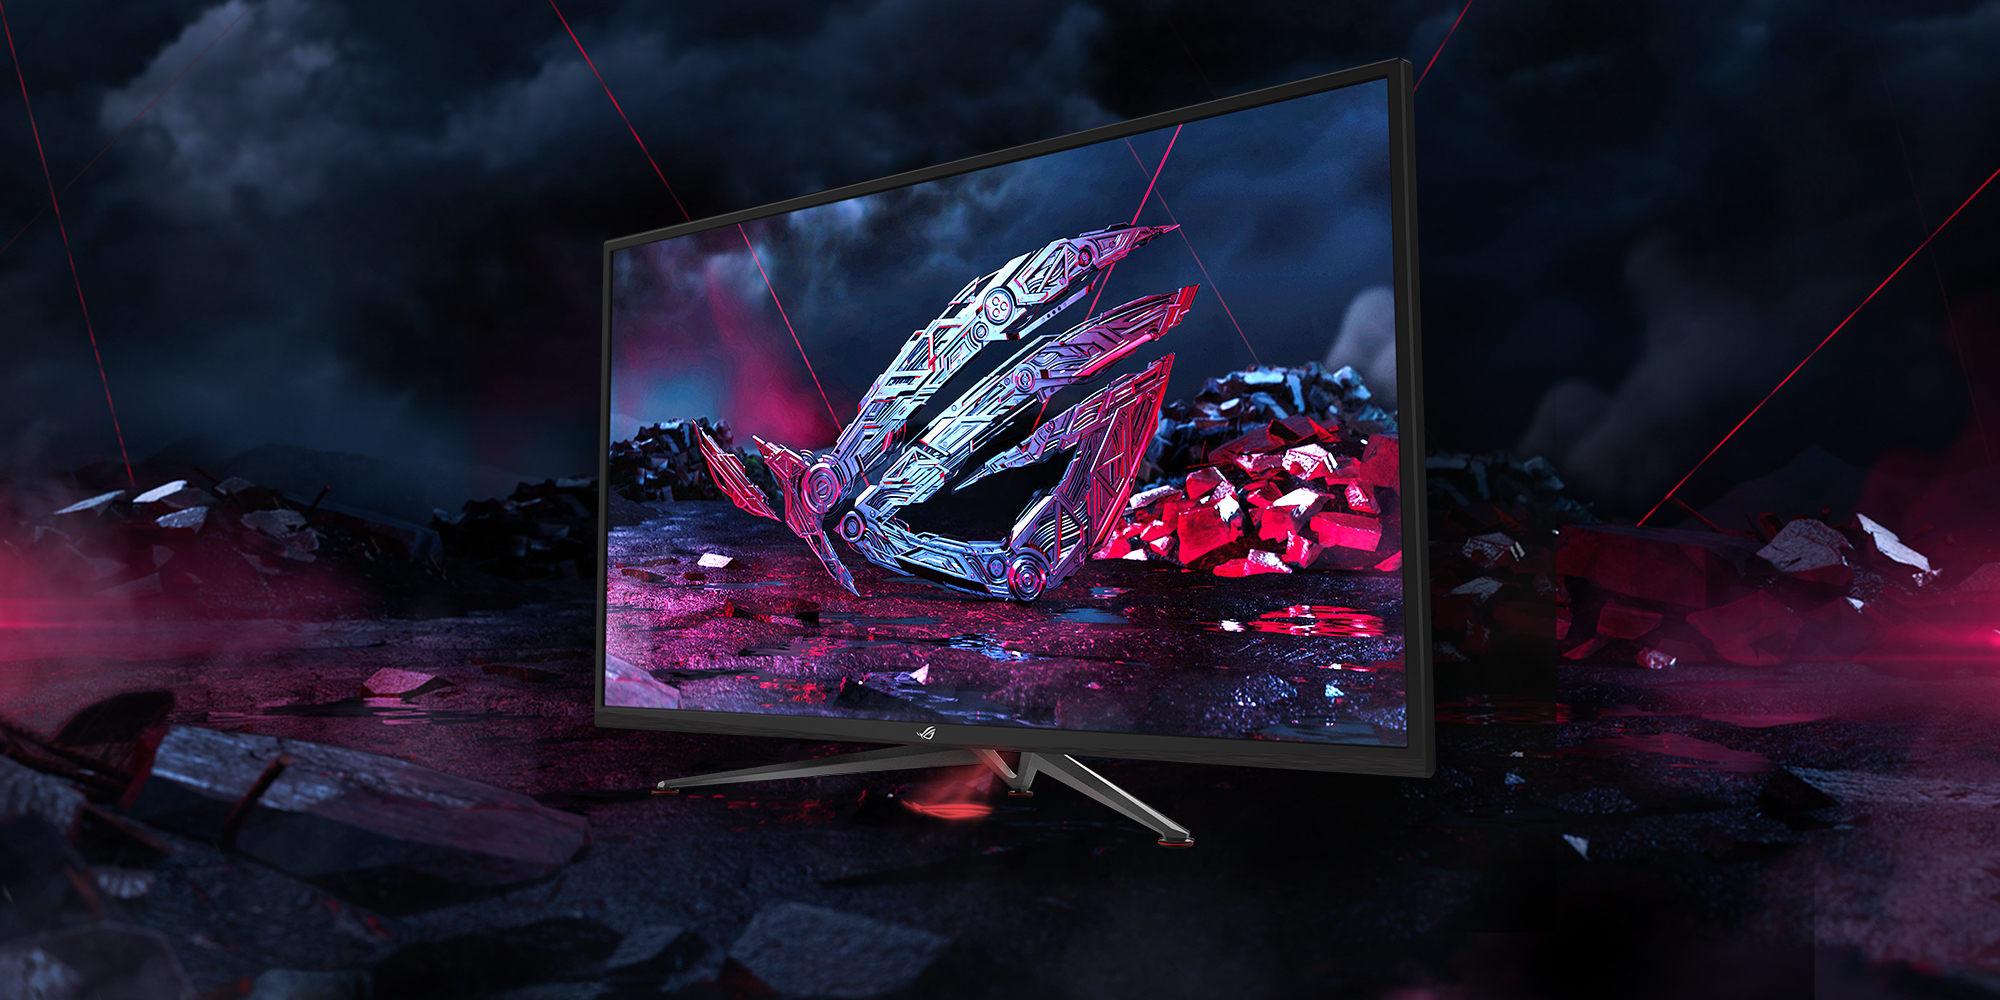 Asus ROG Strix XG438Q : l'énorme écran PC 4K HDR FreeSync 2 pour les gamers